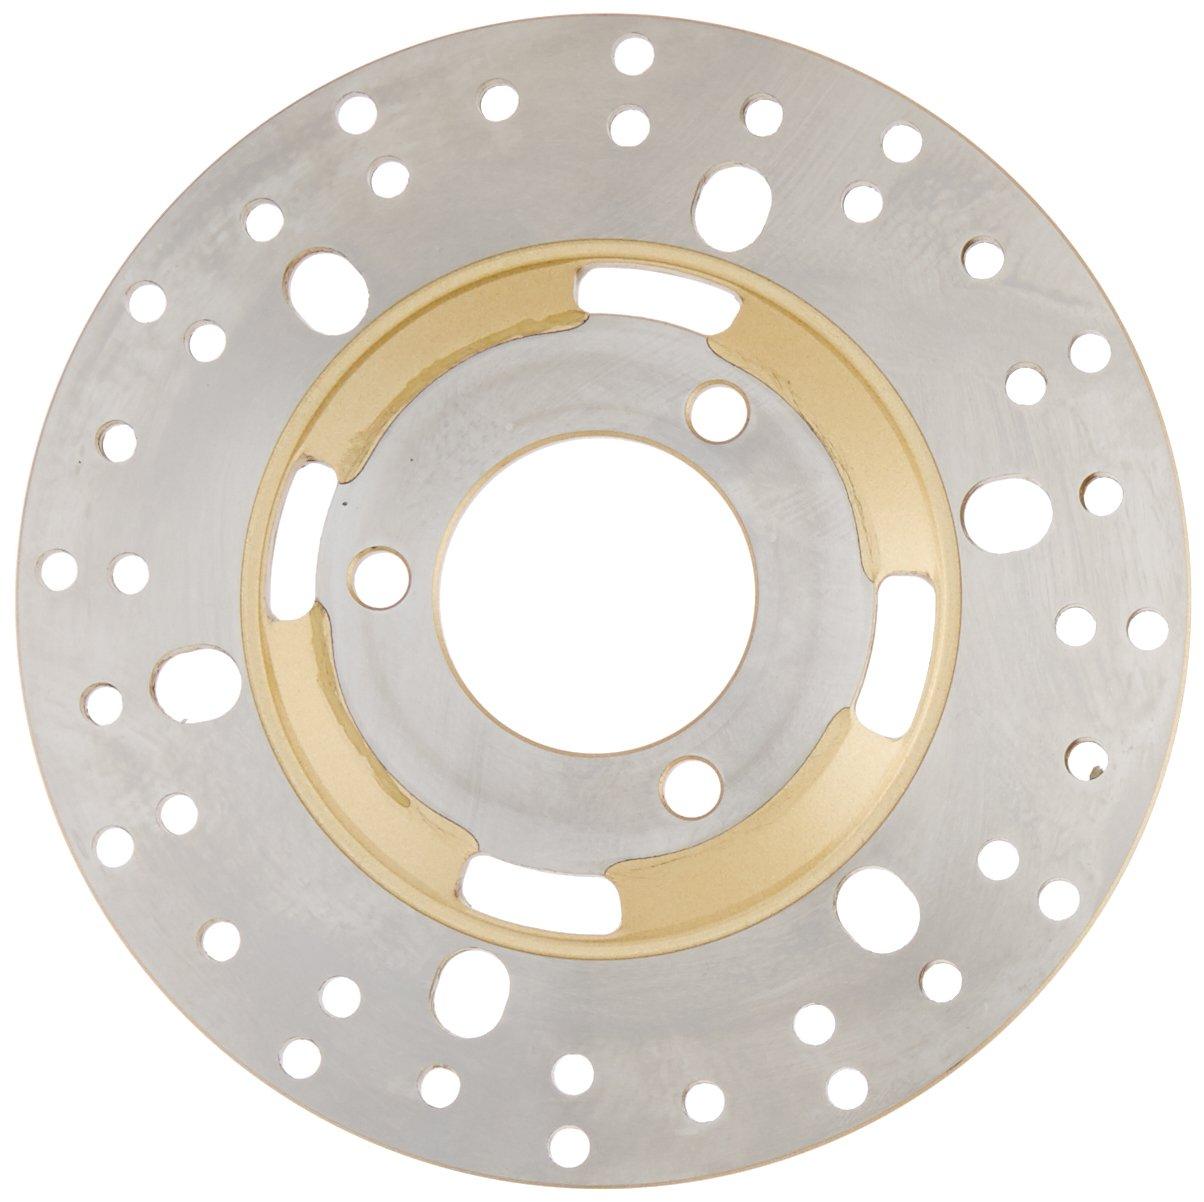 Yamaha 3UHF582U0000 Right Disc Brake